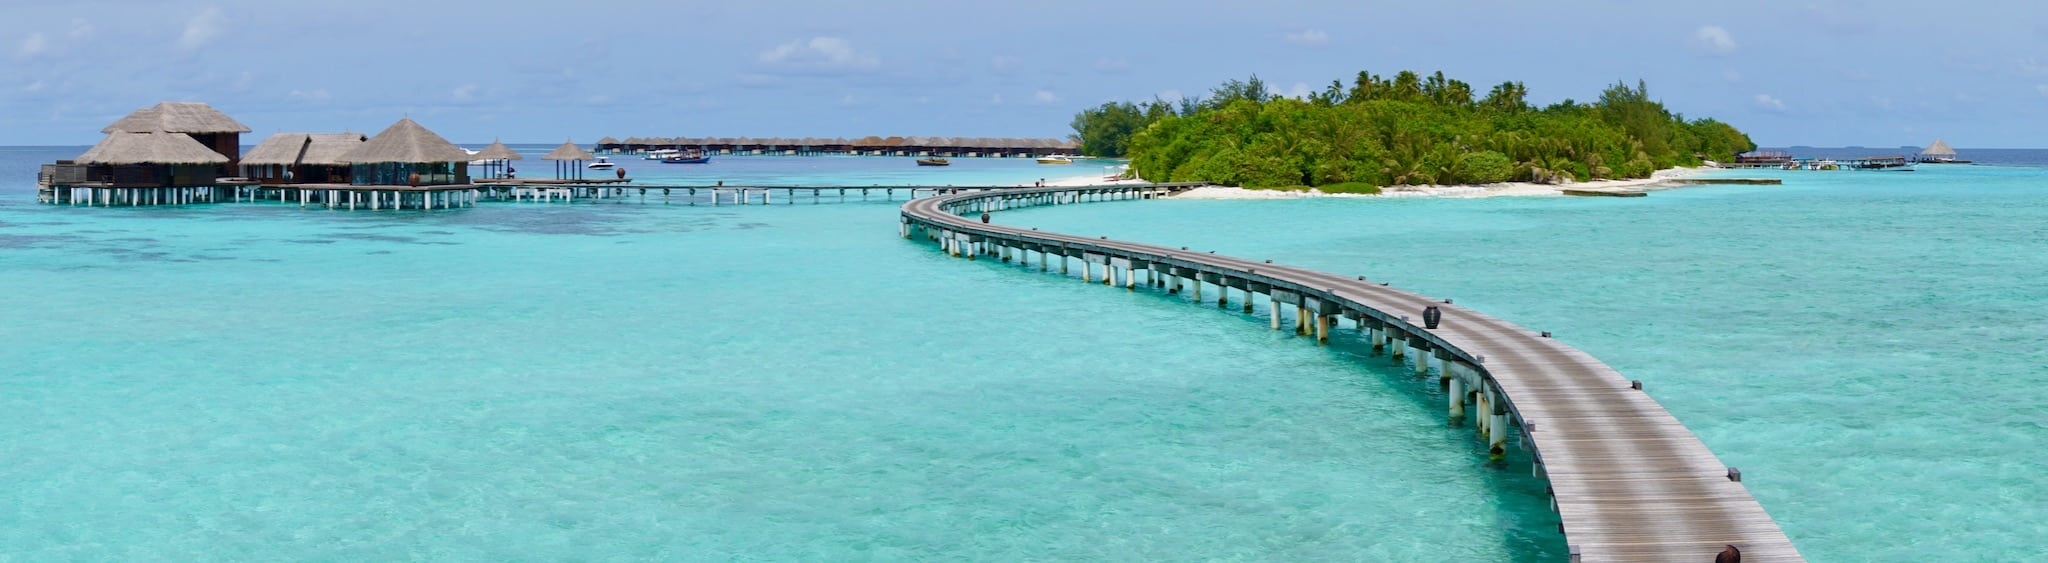 Die Water Villas sind über einen Steg zu erreichen – und natürlich gibt es einen Taxi-Service mit Golf Karts oder Fahrräder. Foto: Sascha Tegtmeyer Reisebericht Malediven Tipps